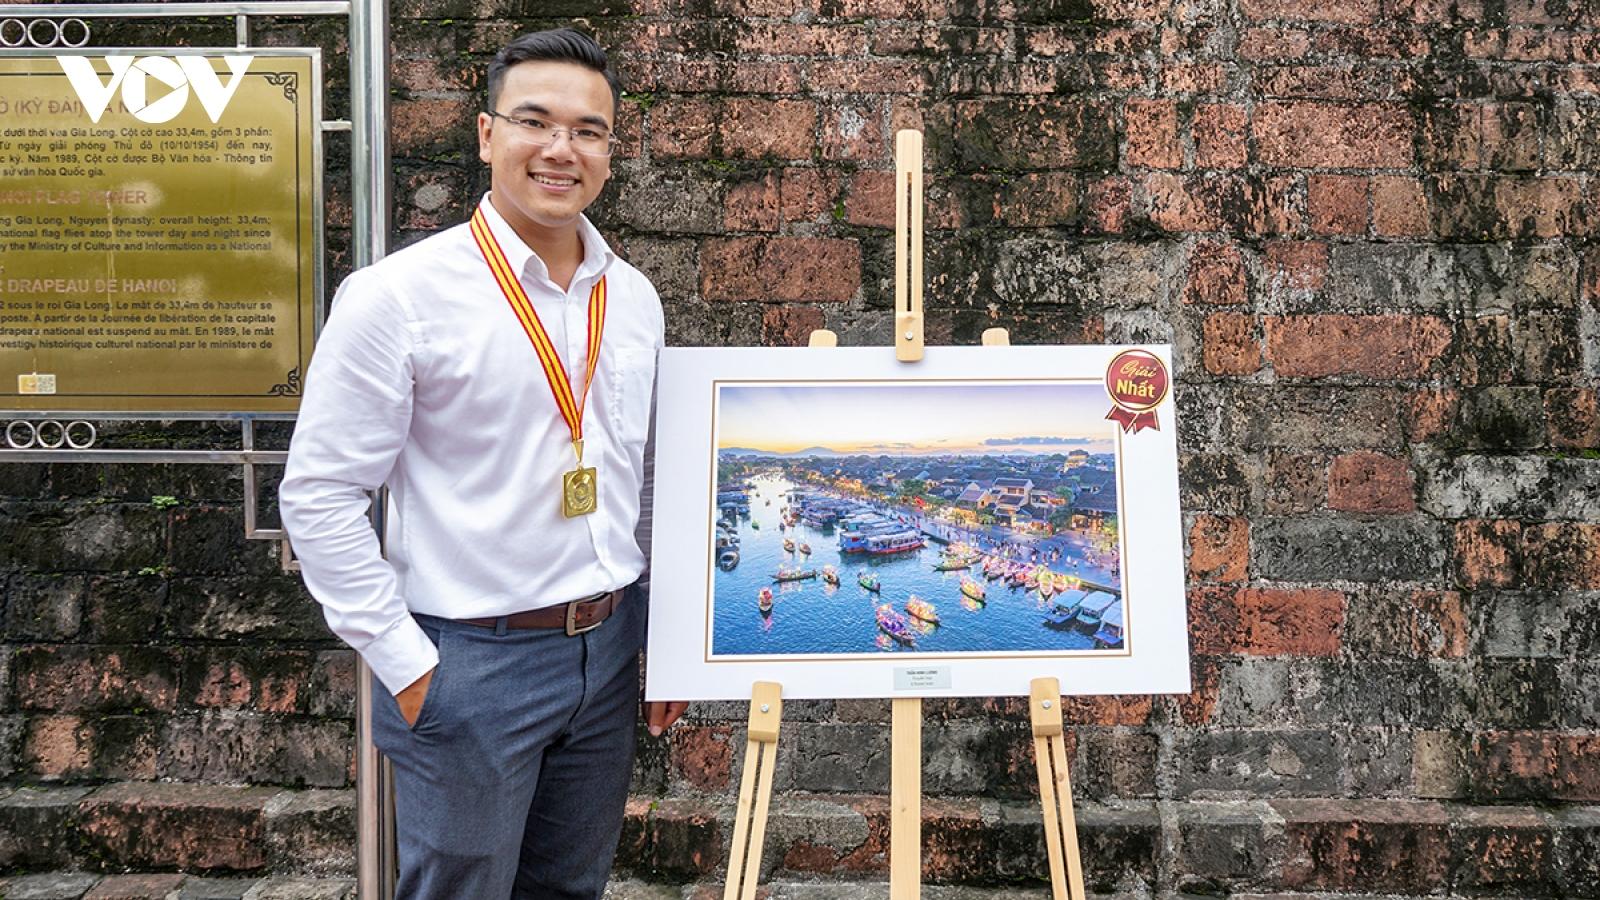 Kỹ sư điện 9x đạt giải Nhất thi ảnh đẹp Du lịch Việt Nam